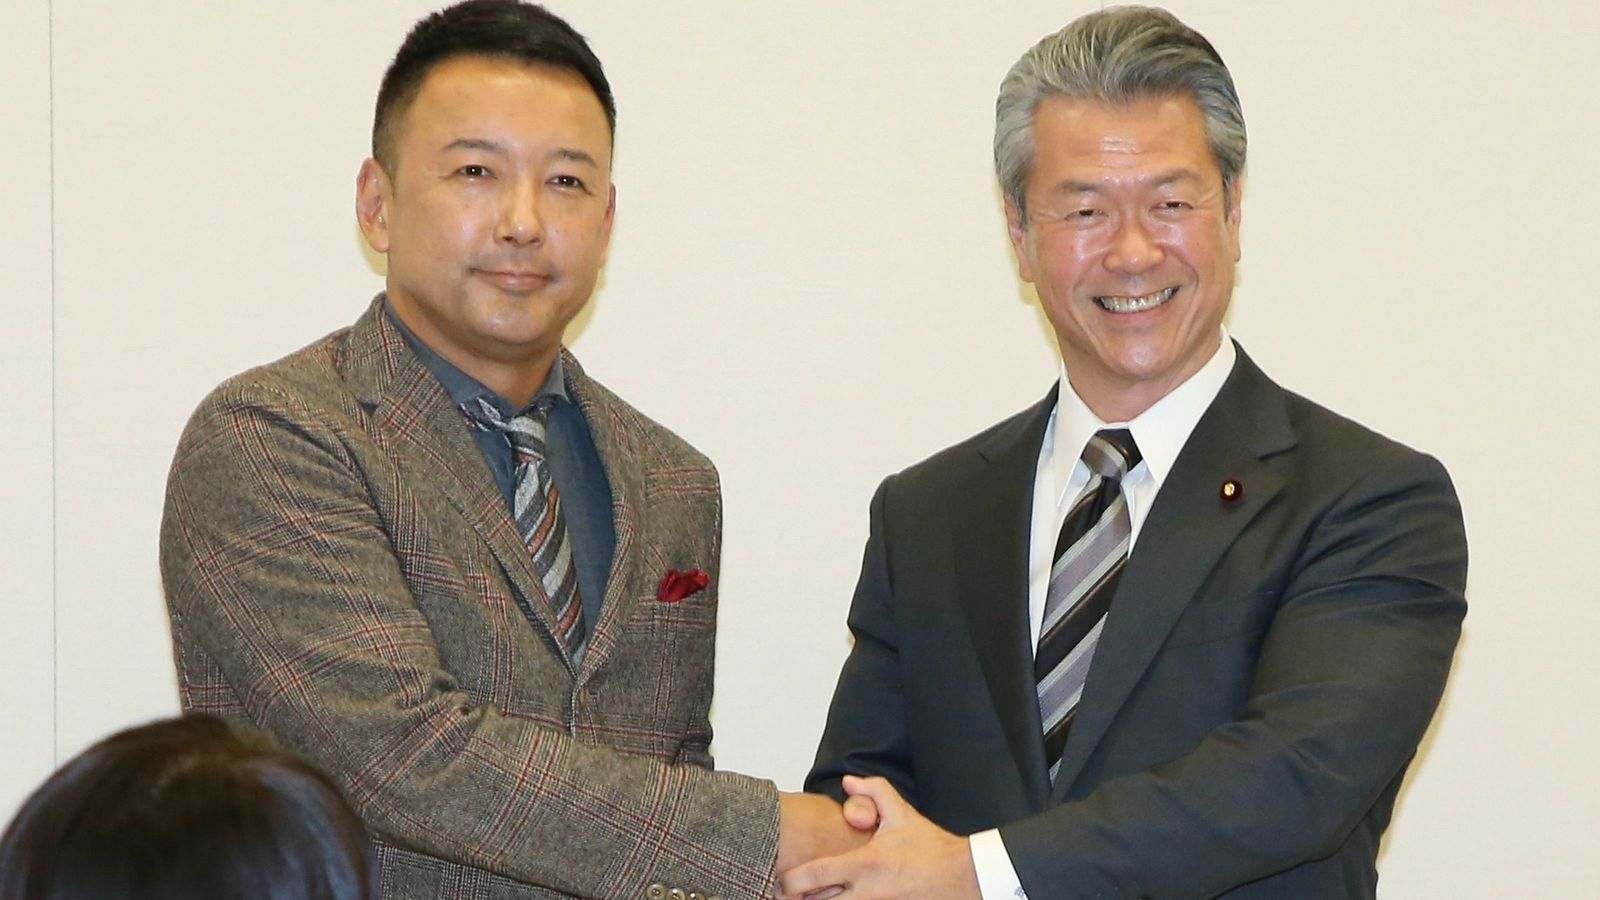 東京五輪の前に「山本太郎が都知事に」の現実度 小池知事vs自公候補なら漁夫の利か